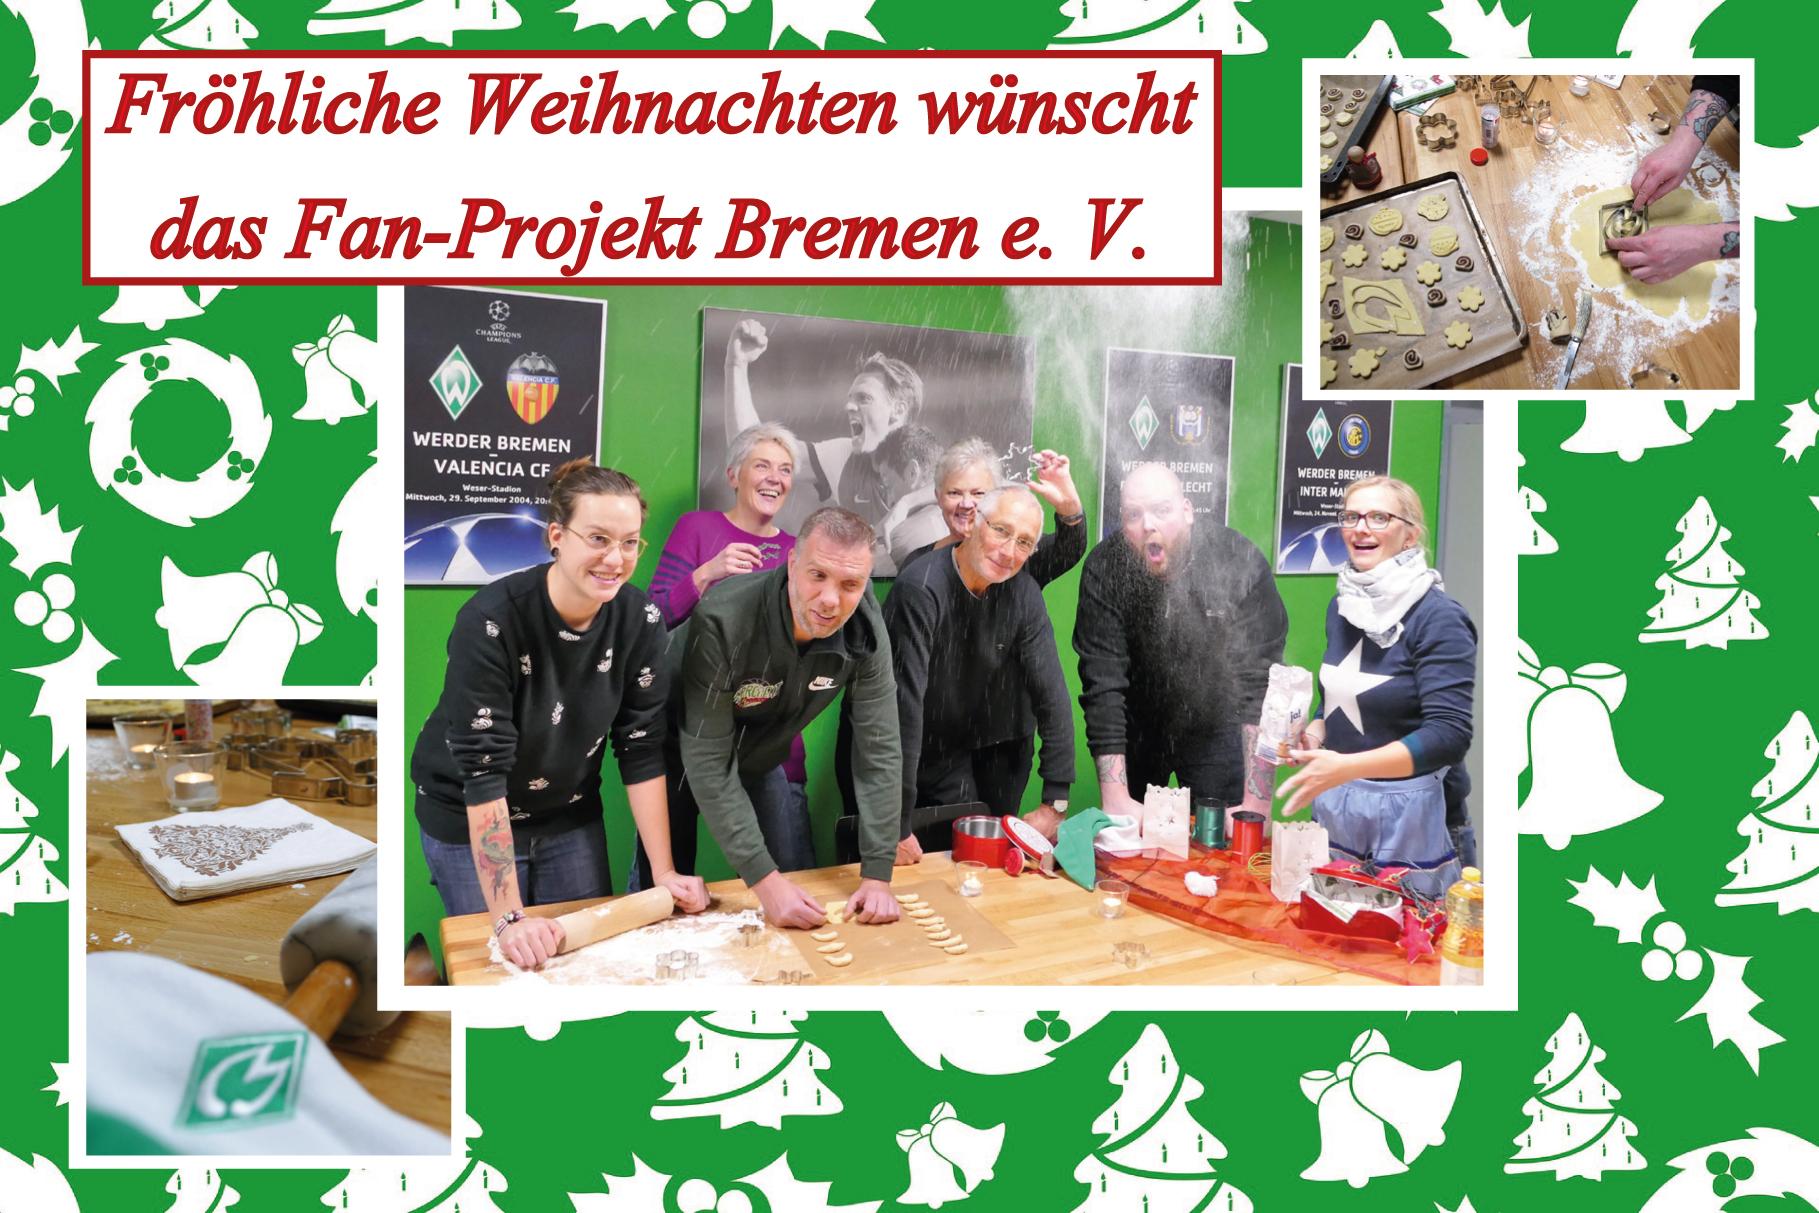 Frohe Weihnachten Werder Bremen.Frohliche Weihnachten Fanprojekt Bremens Webseite